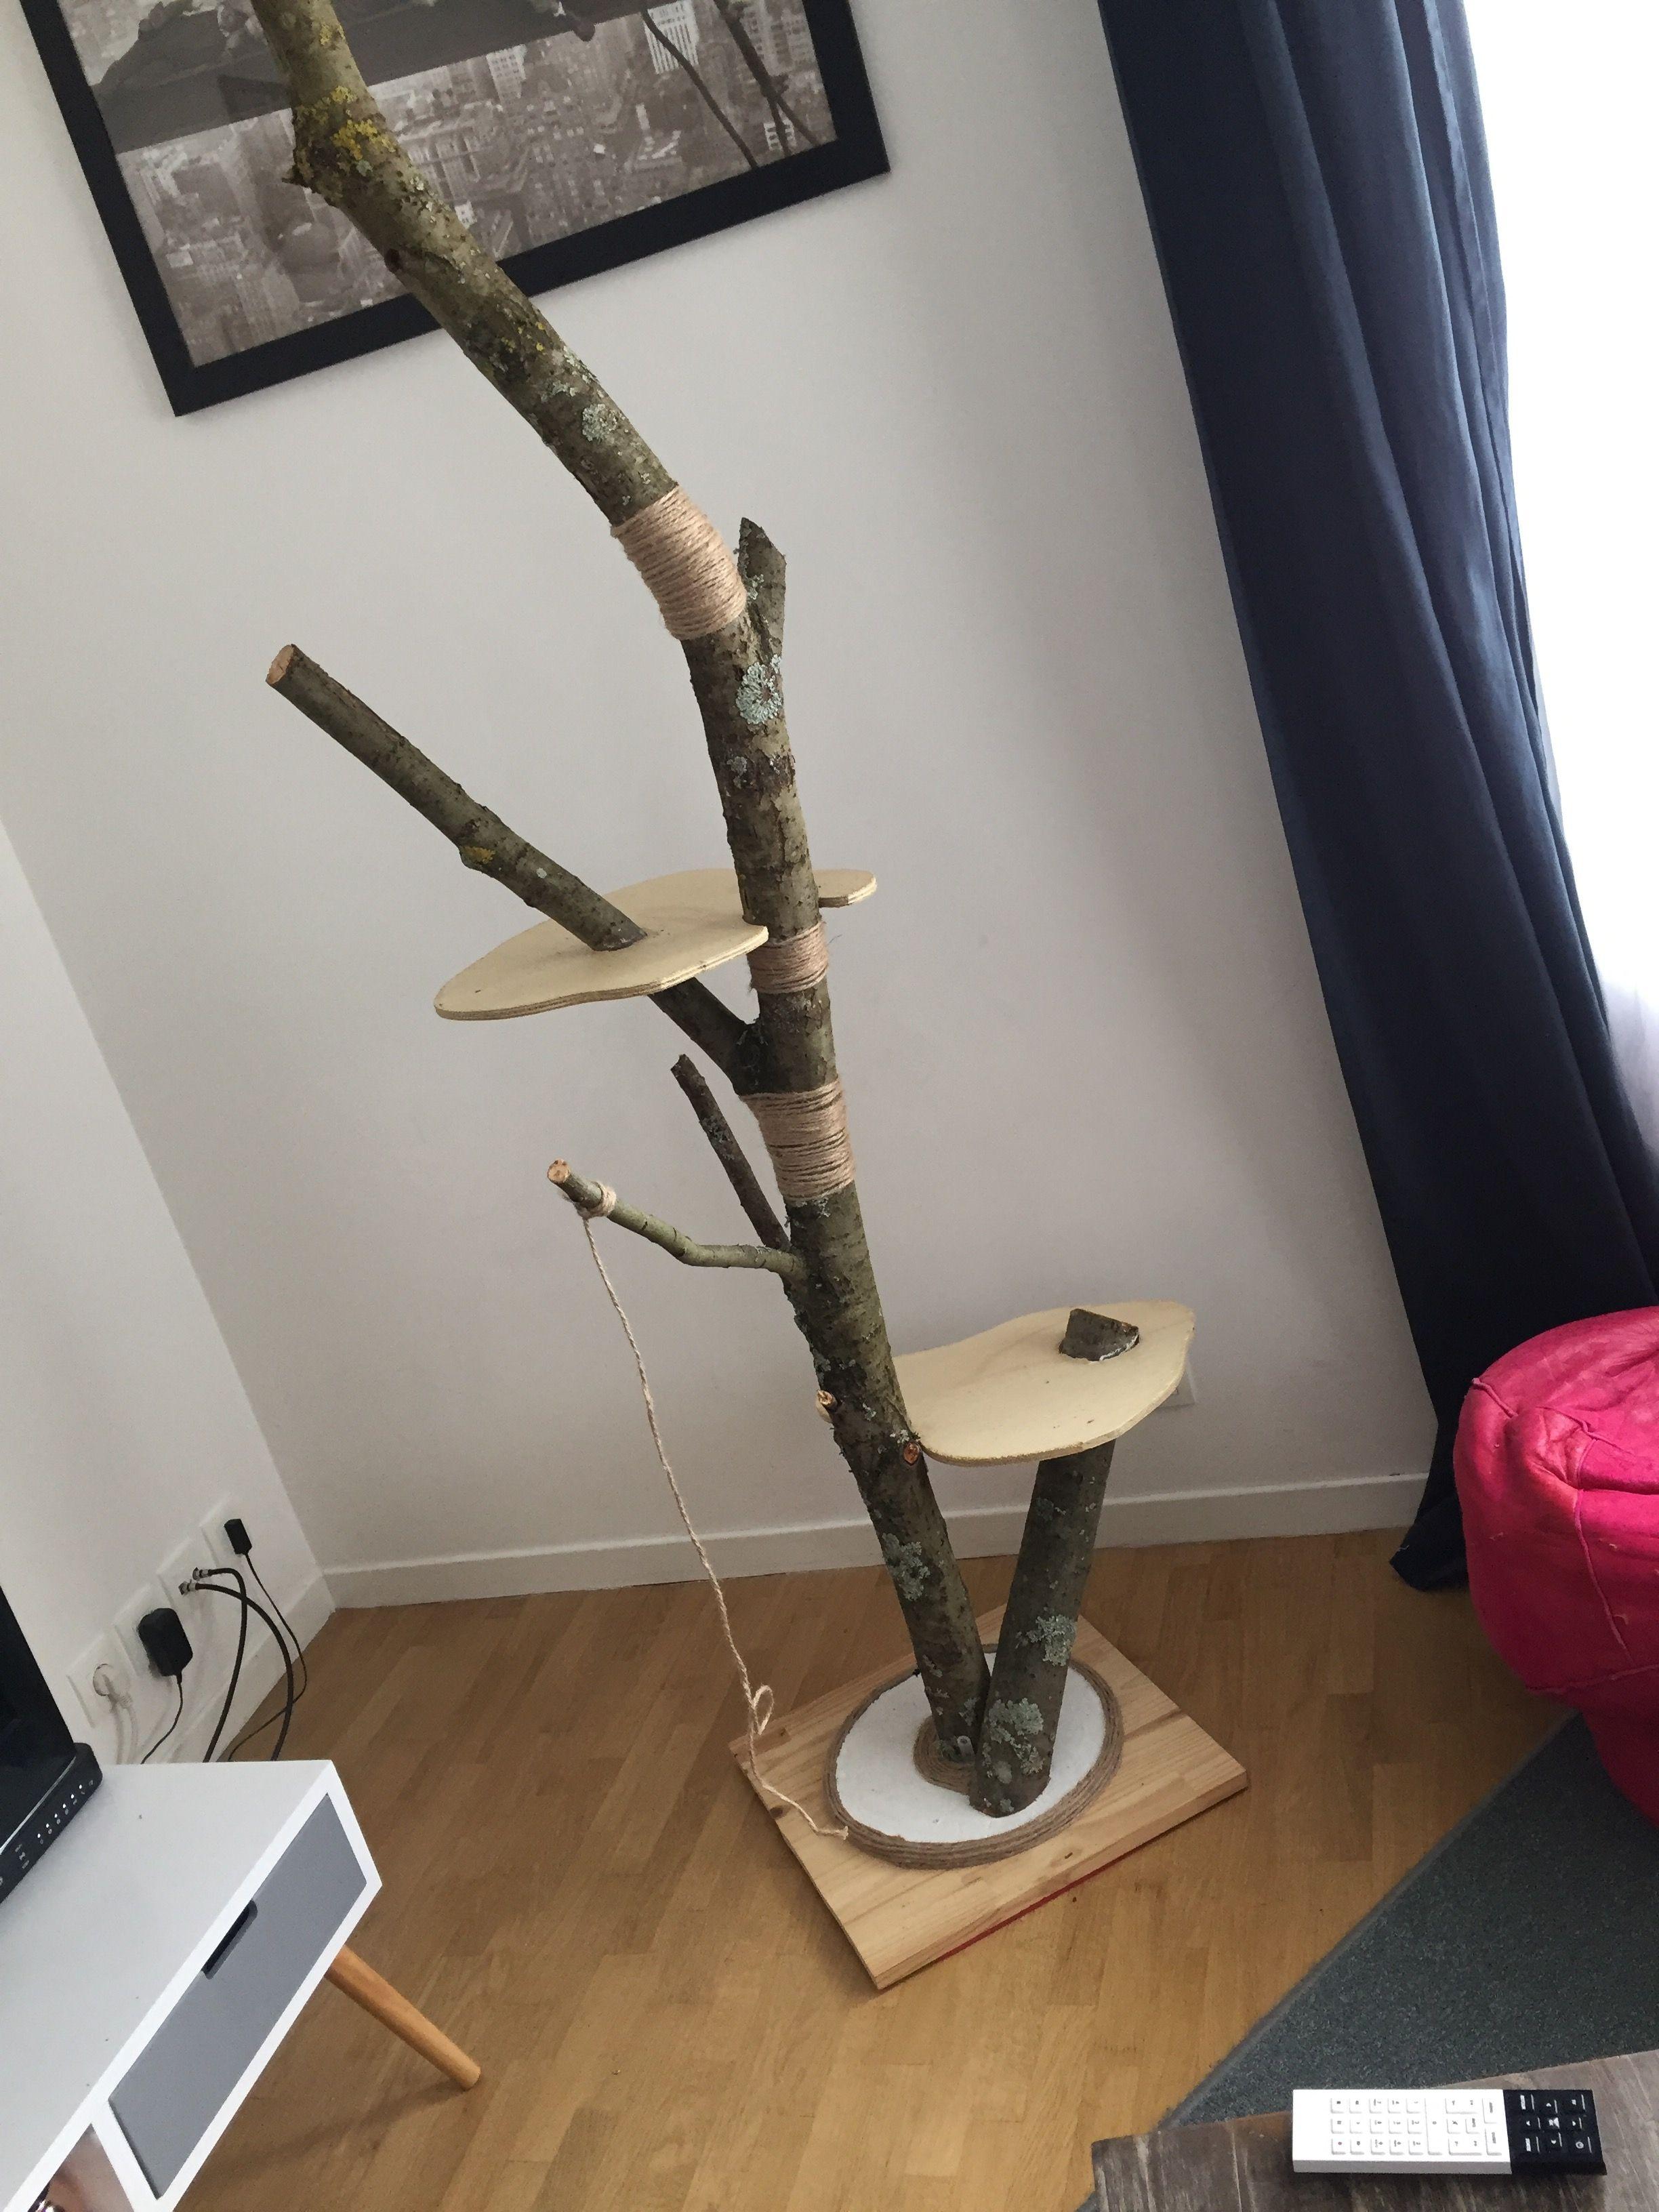 Arbre A Chat A Faire Maison arbre à chat fait maison #diy | arbre a chat, arbres à chat